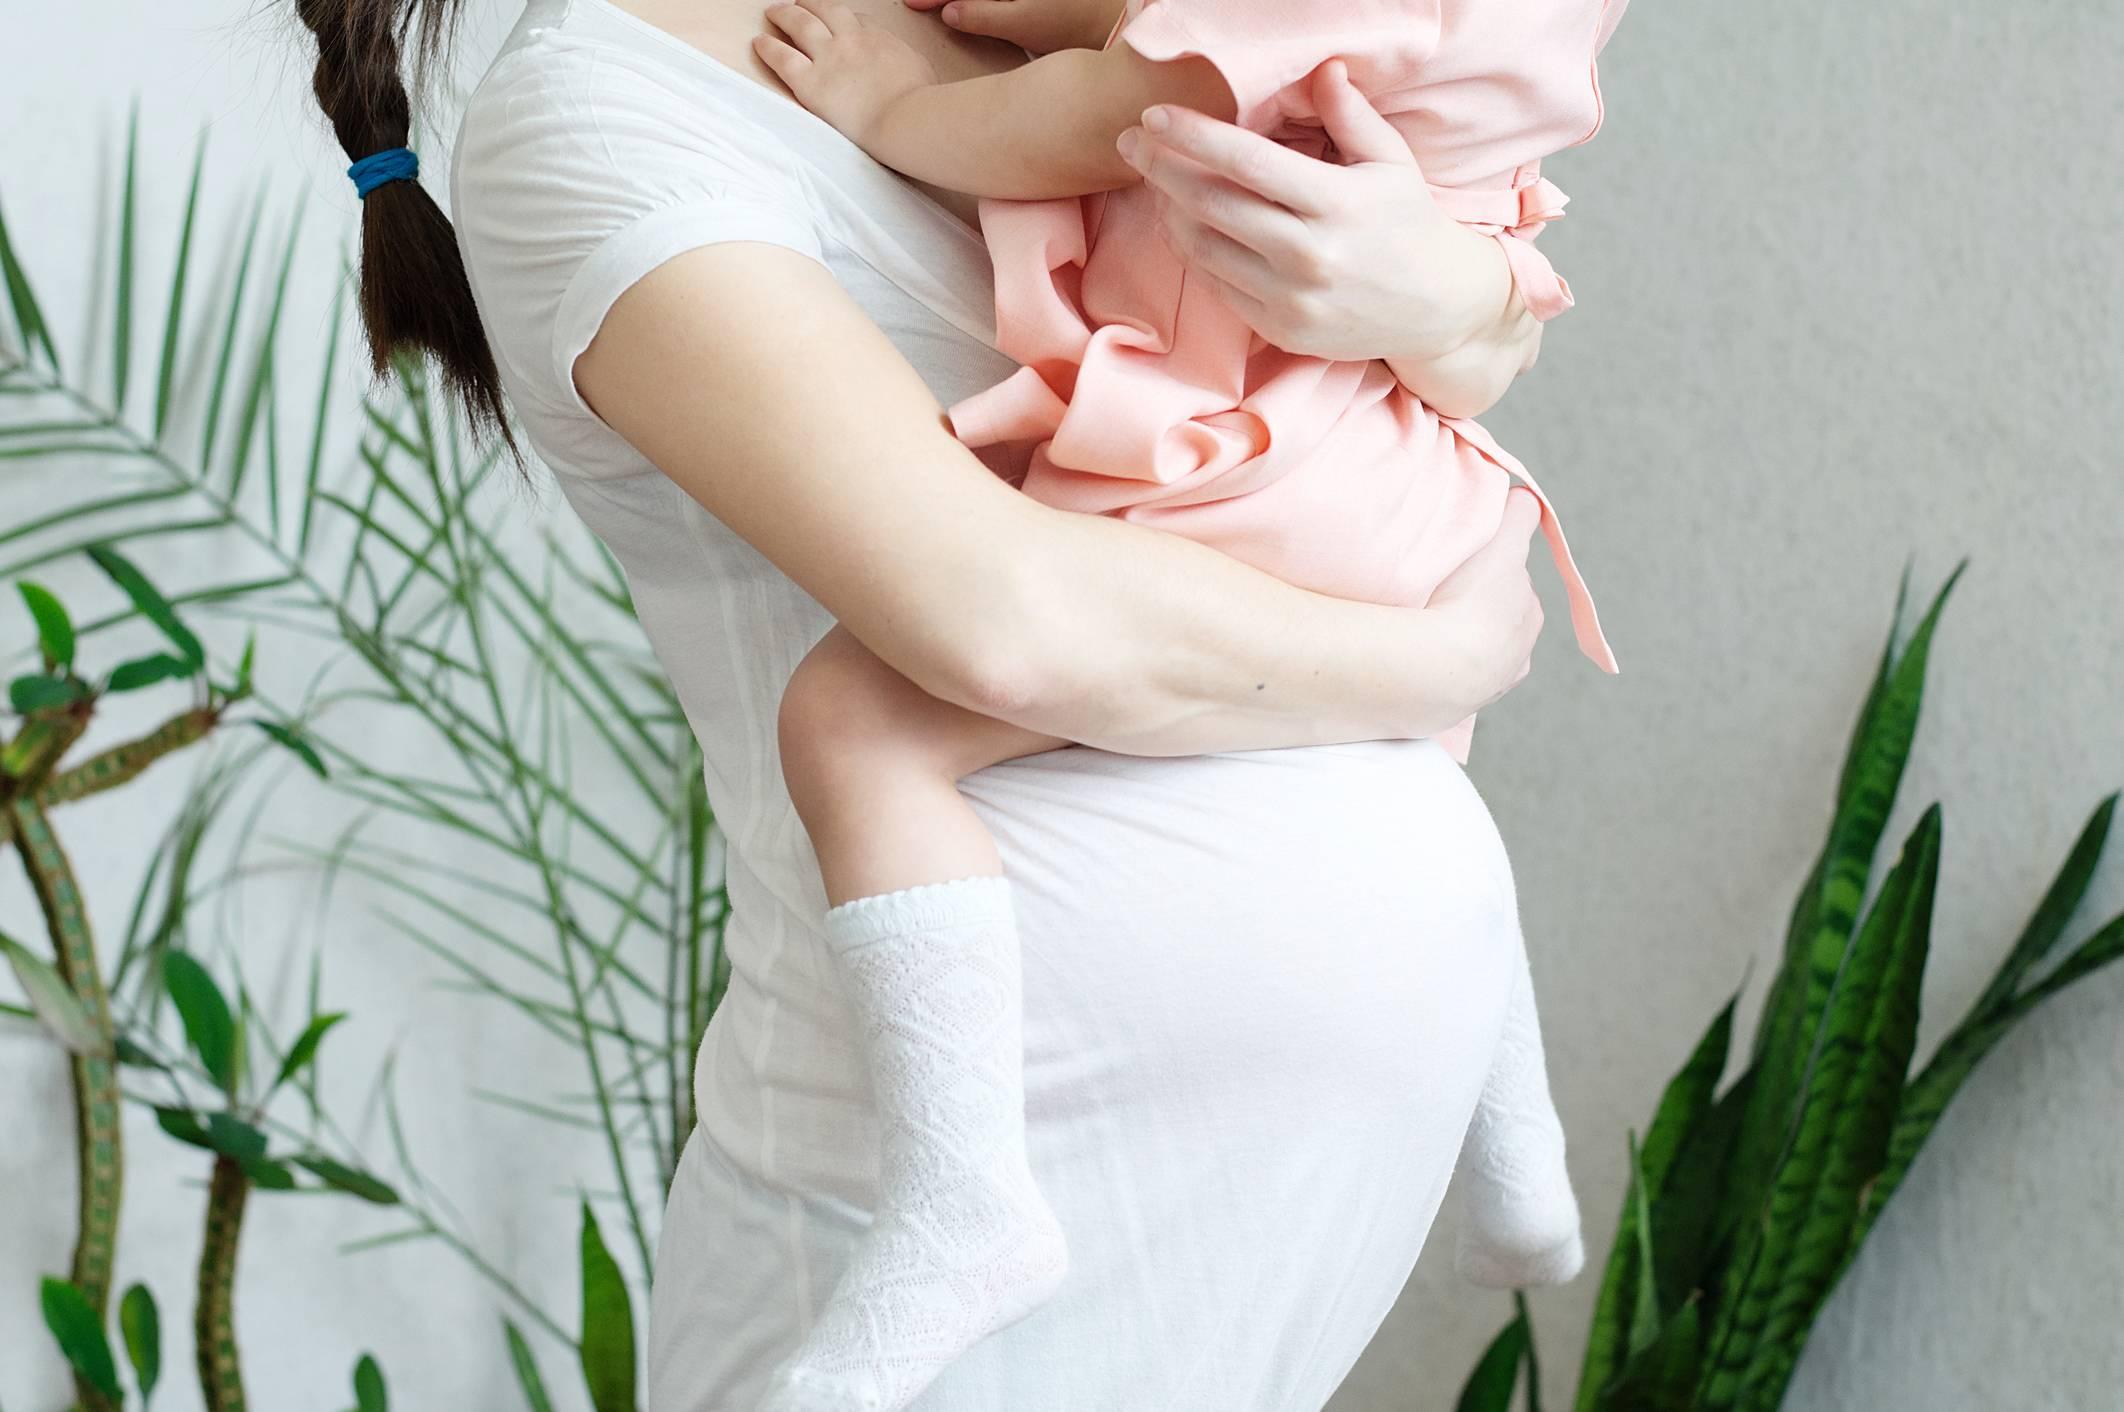 Le test de grossesse est négatif, pourtant je suis enceinte ! D'où vient le problème ?